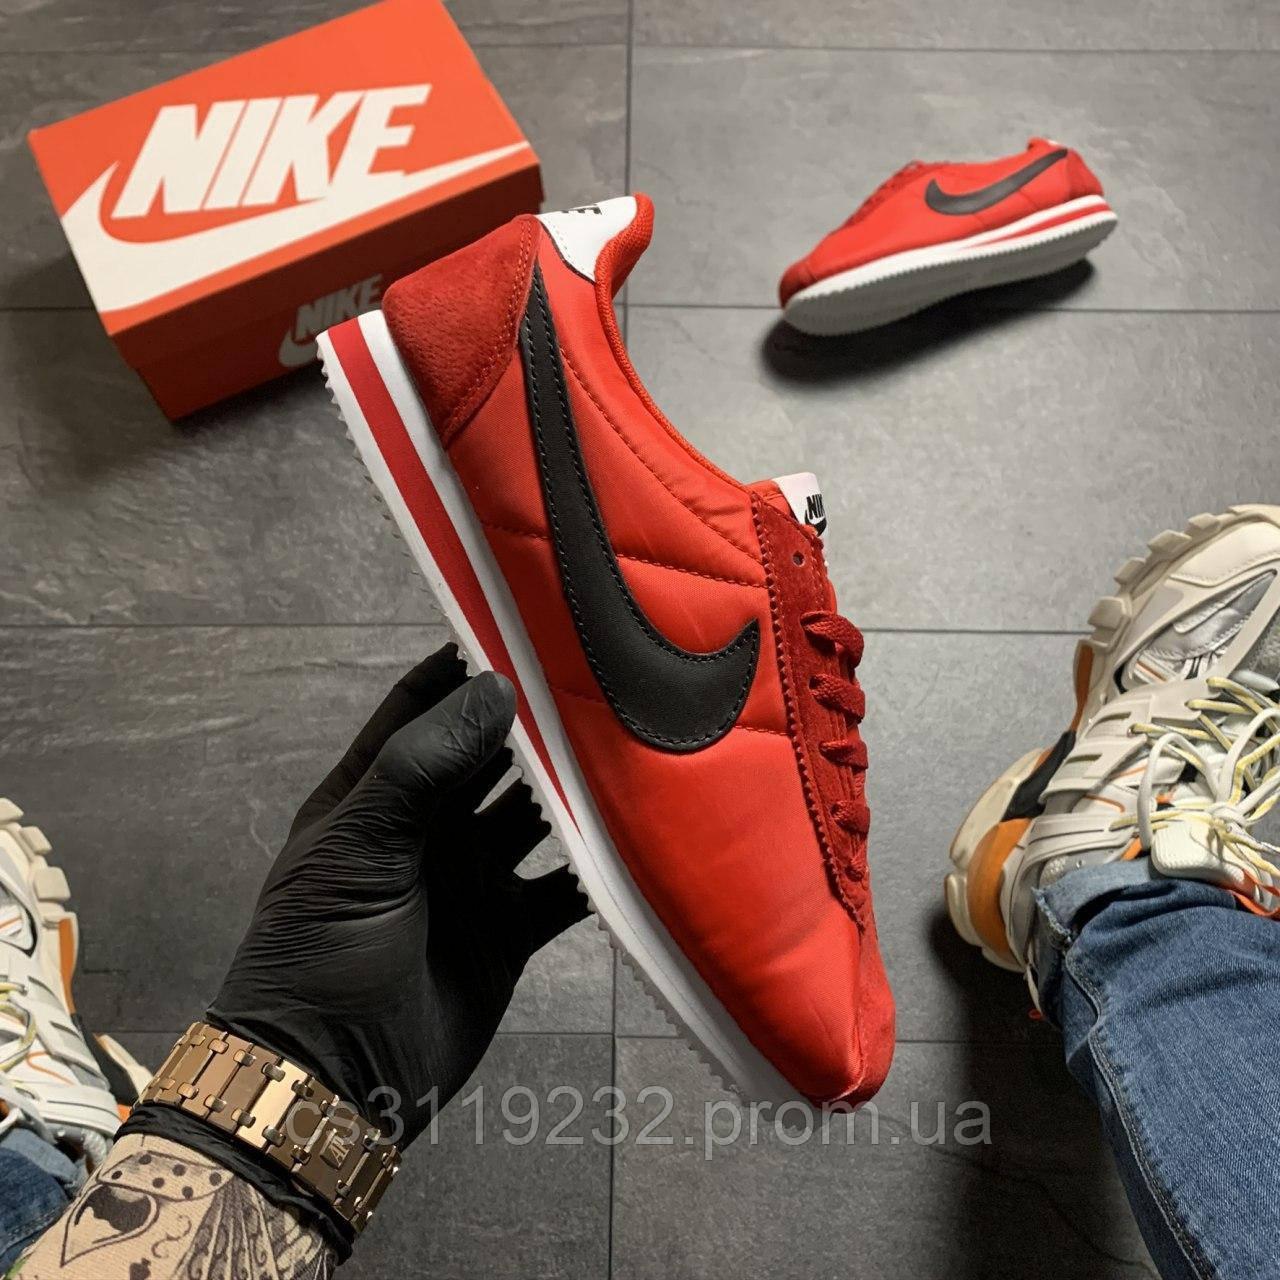 Чоловічі кросівки Nike Cortez Black Red (червоні)